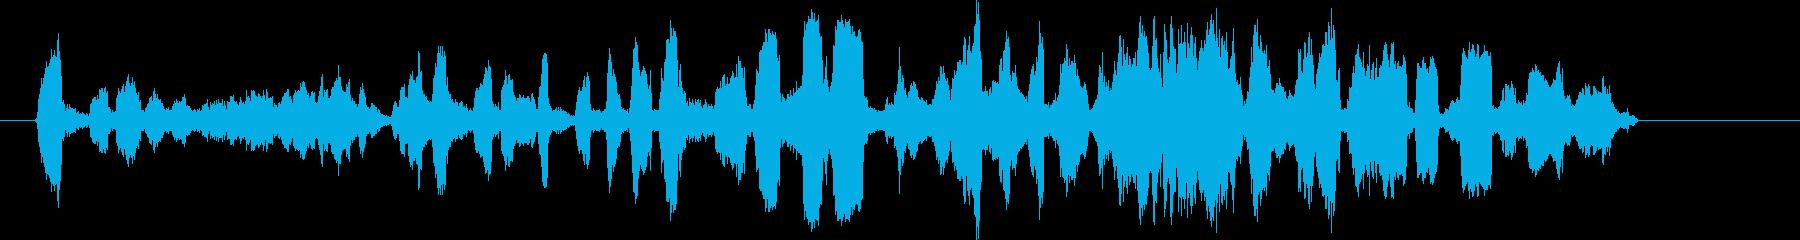 カワウソ、小さな爪の鳴き声、叫び声...の再生済みの波形